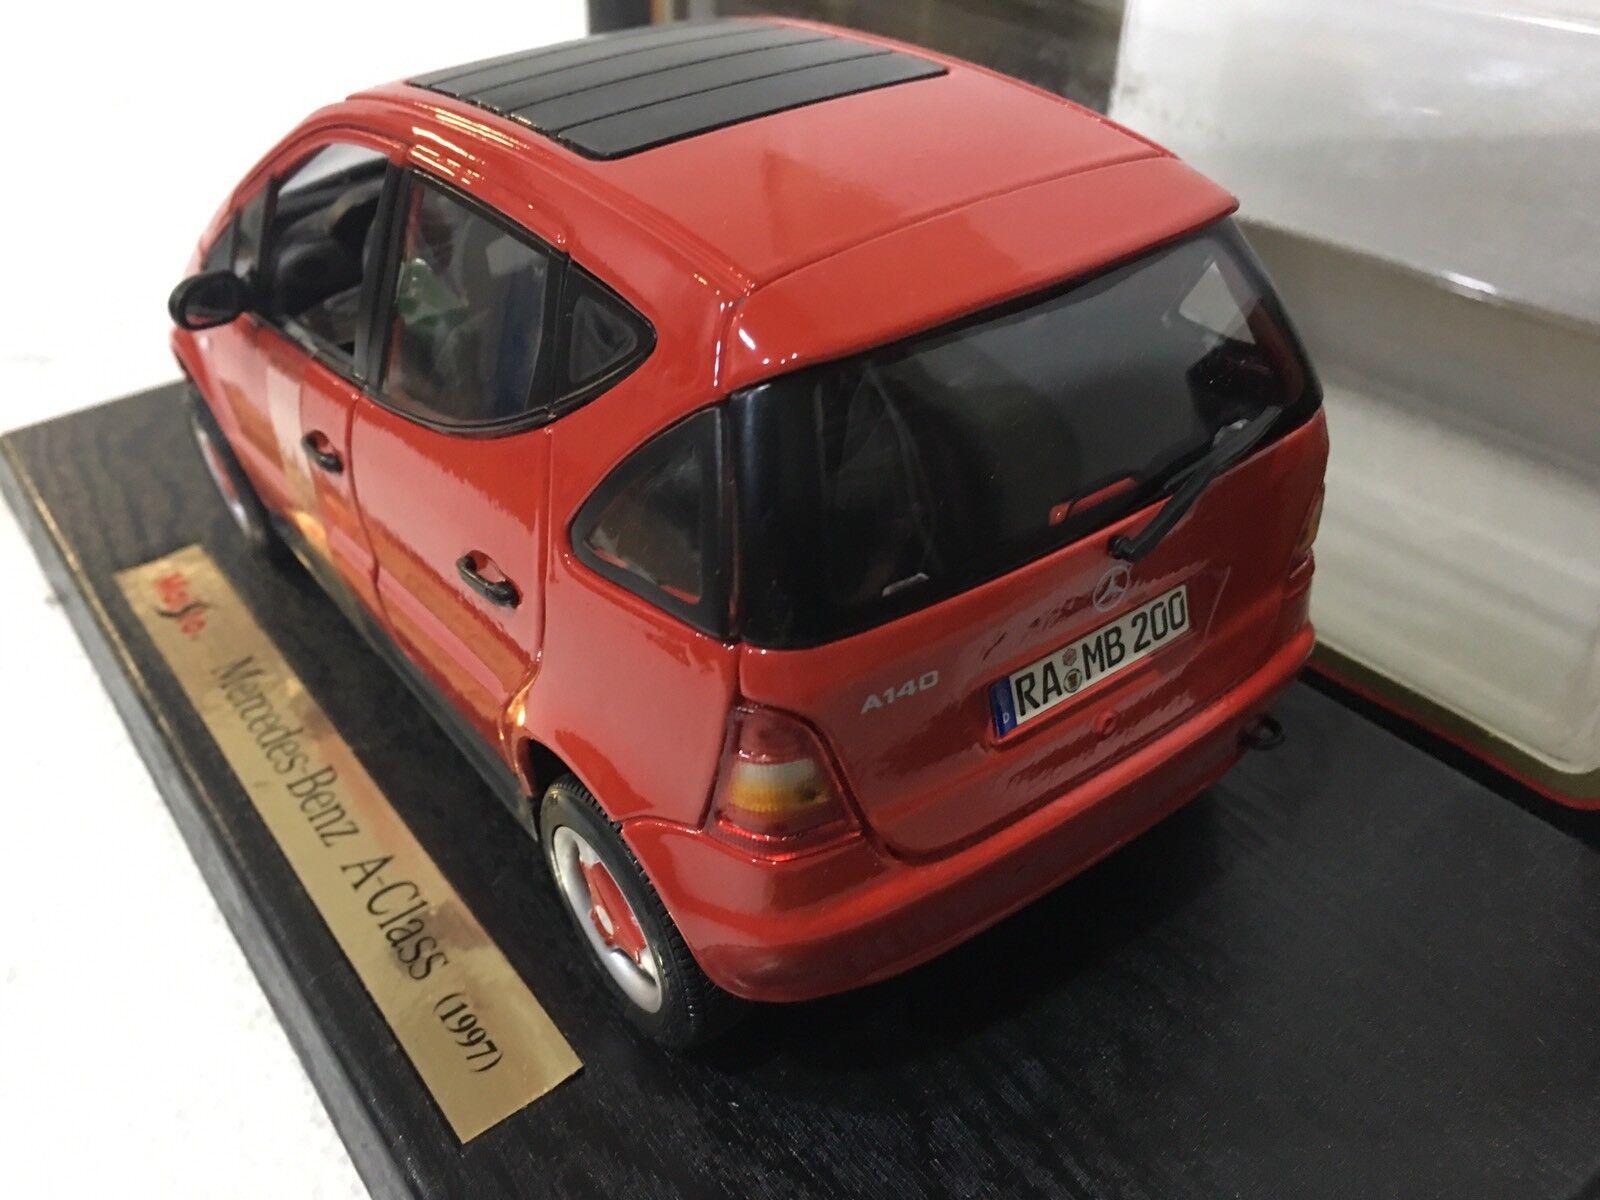 MAISTO Special Edition Edition Edition scala 1 18 MERCEDES-BENZ A-CLASS (1997) 31841 fd8489